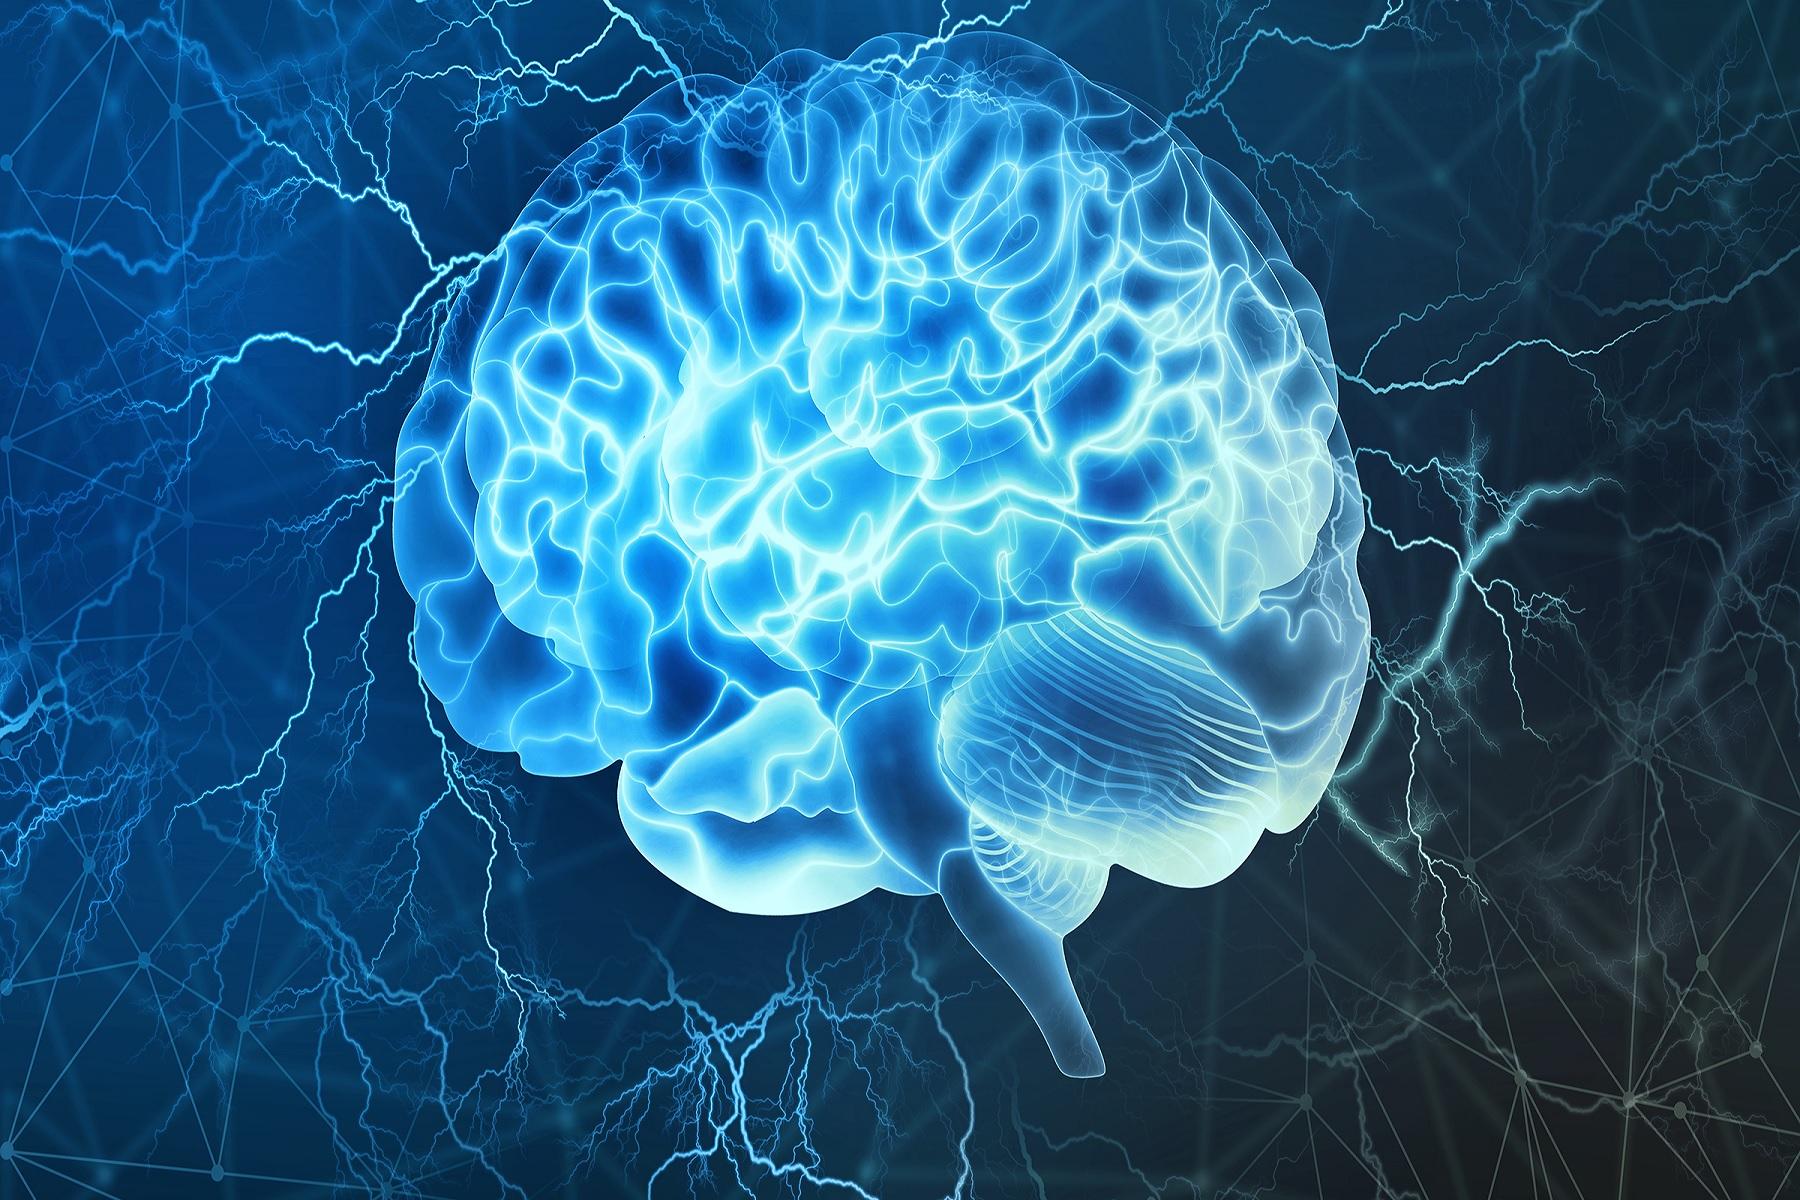 Εγκέφαλος έρευνα: Πώς μπορεί να τροφοδοτήσει έντονη νευρική επικοινωνία [vid]